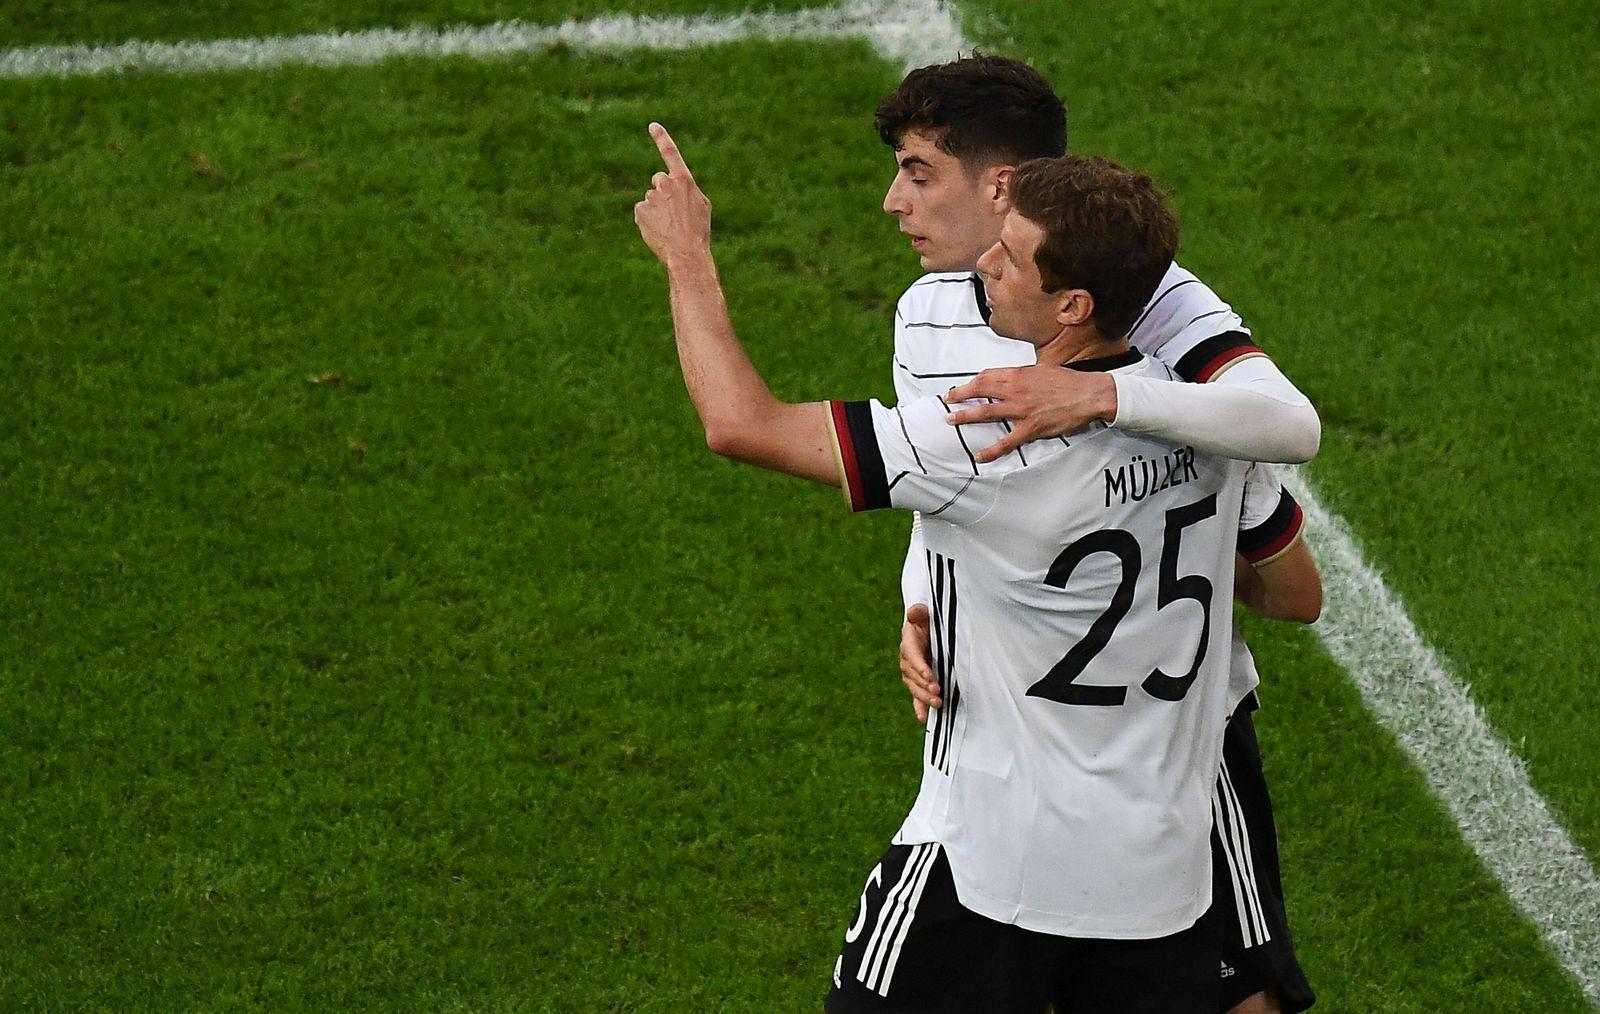 07.06.2021, xjhx, Fussball Freundschaftsspiel, Deutschland DFB - Lettland LFF emspor, v.l. Thomas Mueller Müller (Deutsc